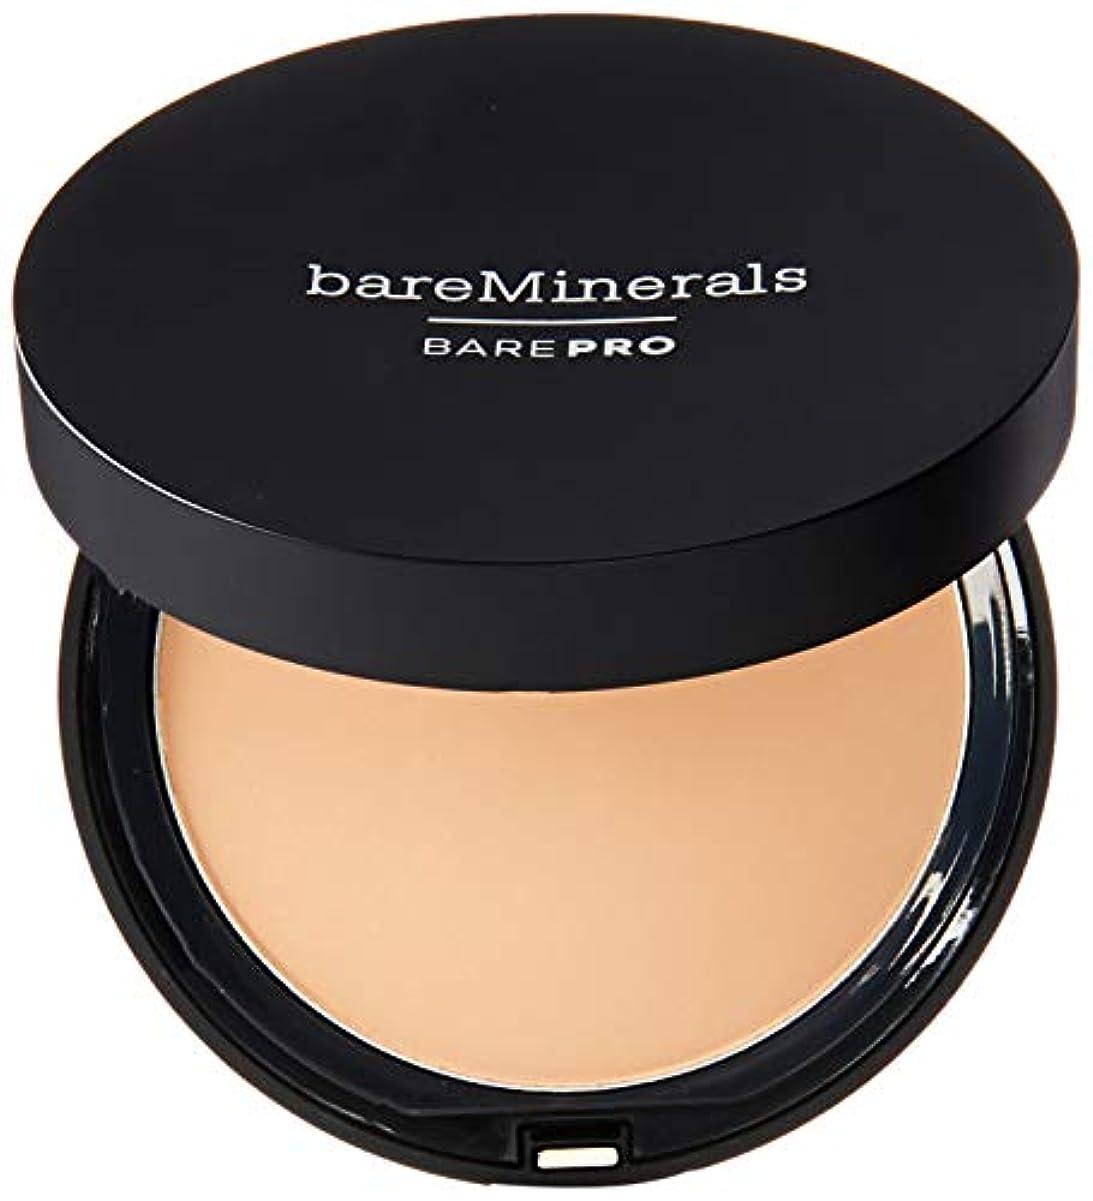 ベアミネラル BarePro Performance Wear Powder Foundation - # 12 Warm Natural 10g/0.34oz並行輸入品